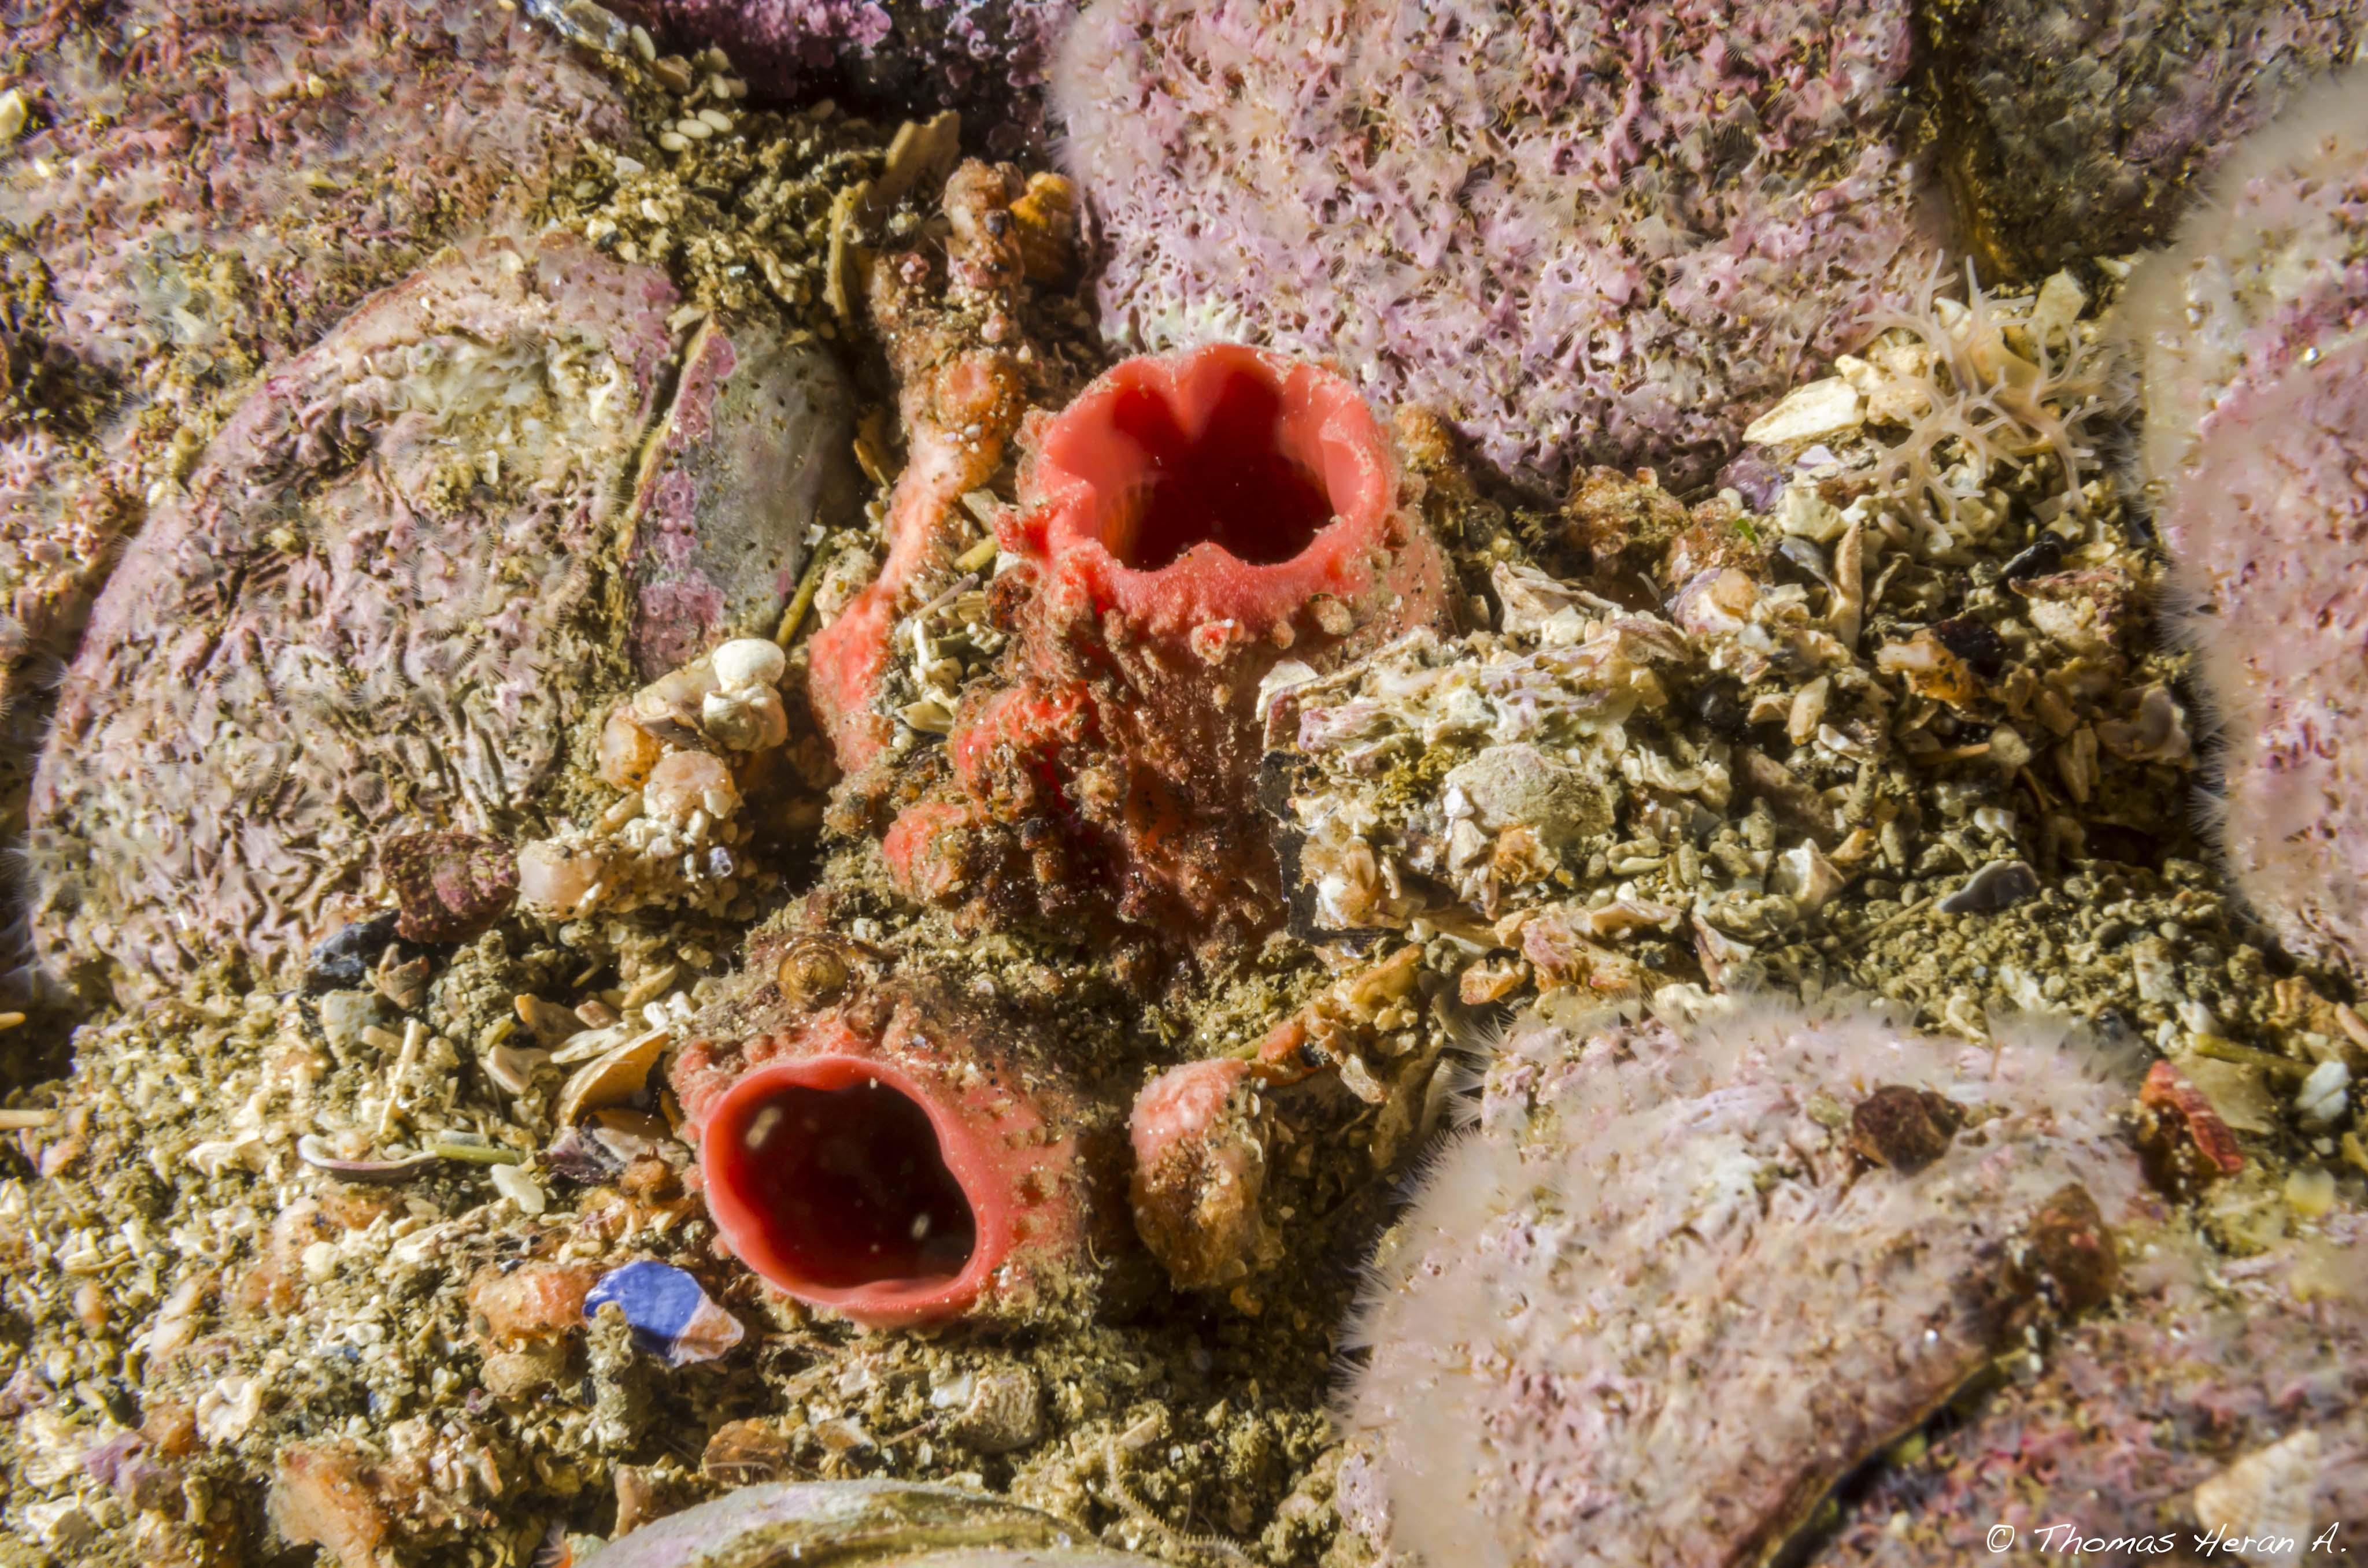 Ascidia piura